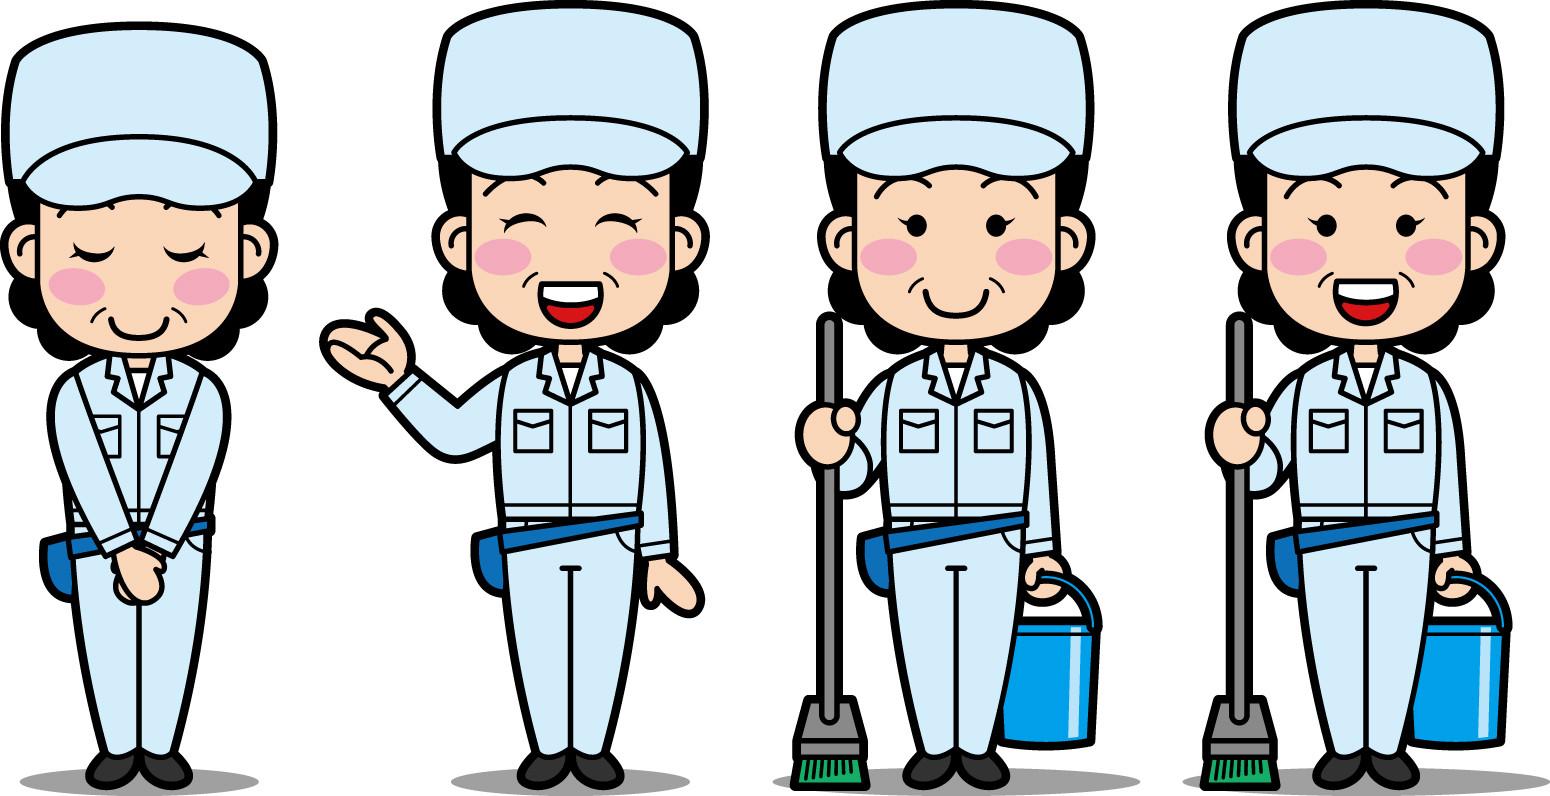 清掃スタッフ 高松市エリア ビューテック四国株式会社 香川営業所 のアルバイト情報